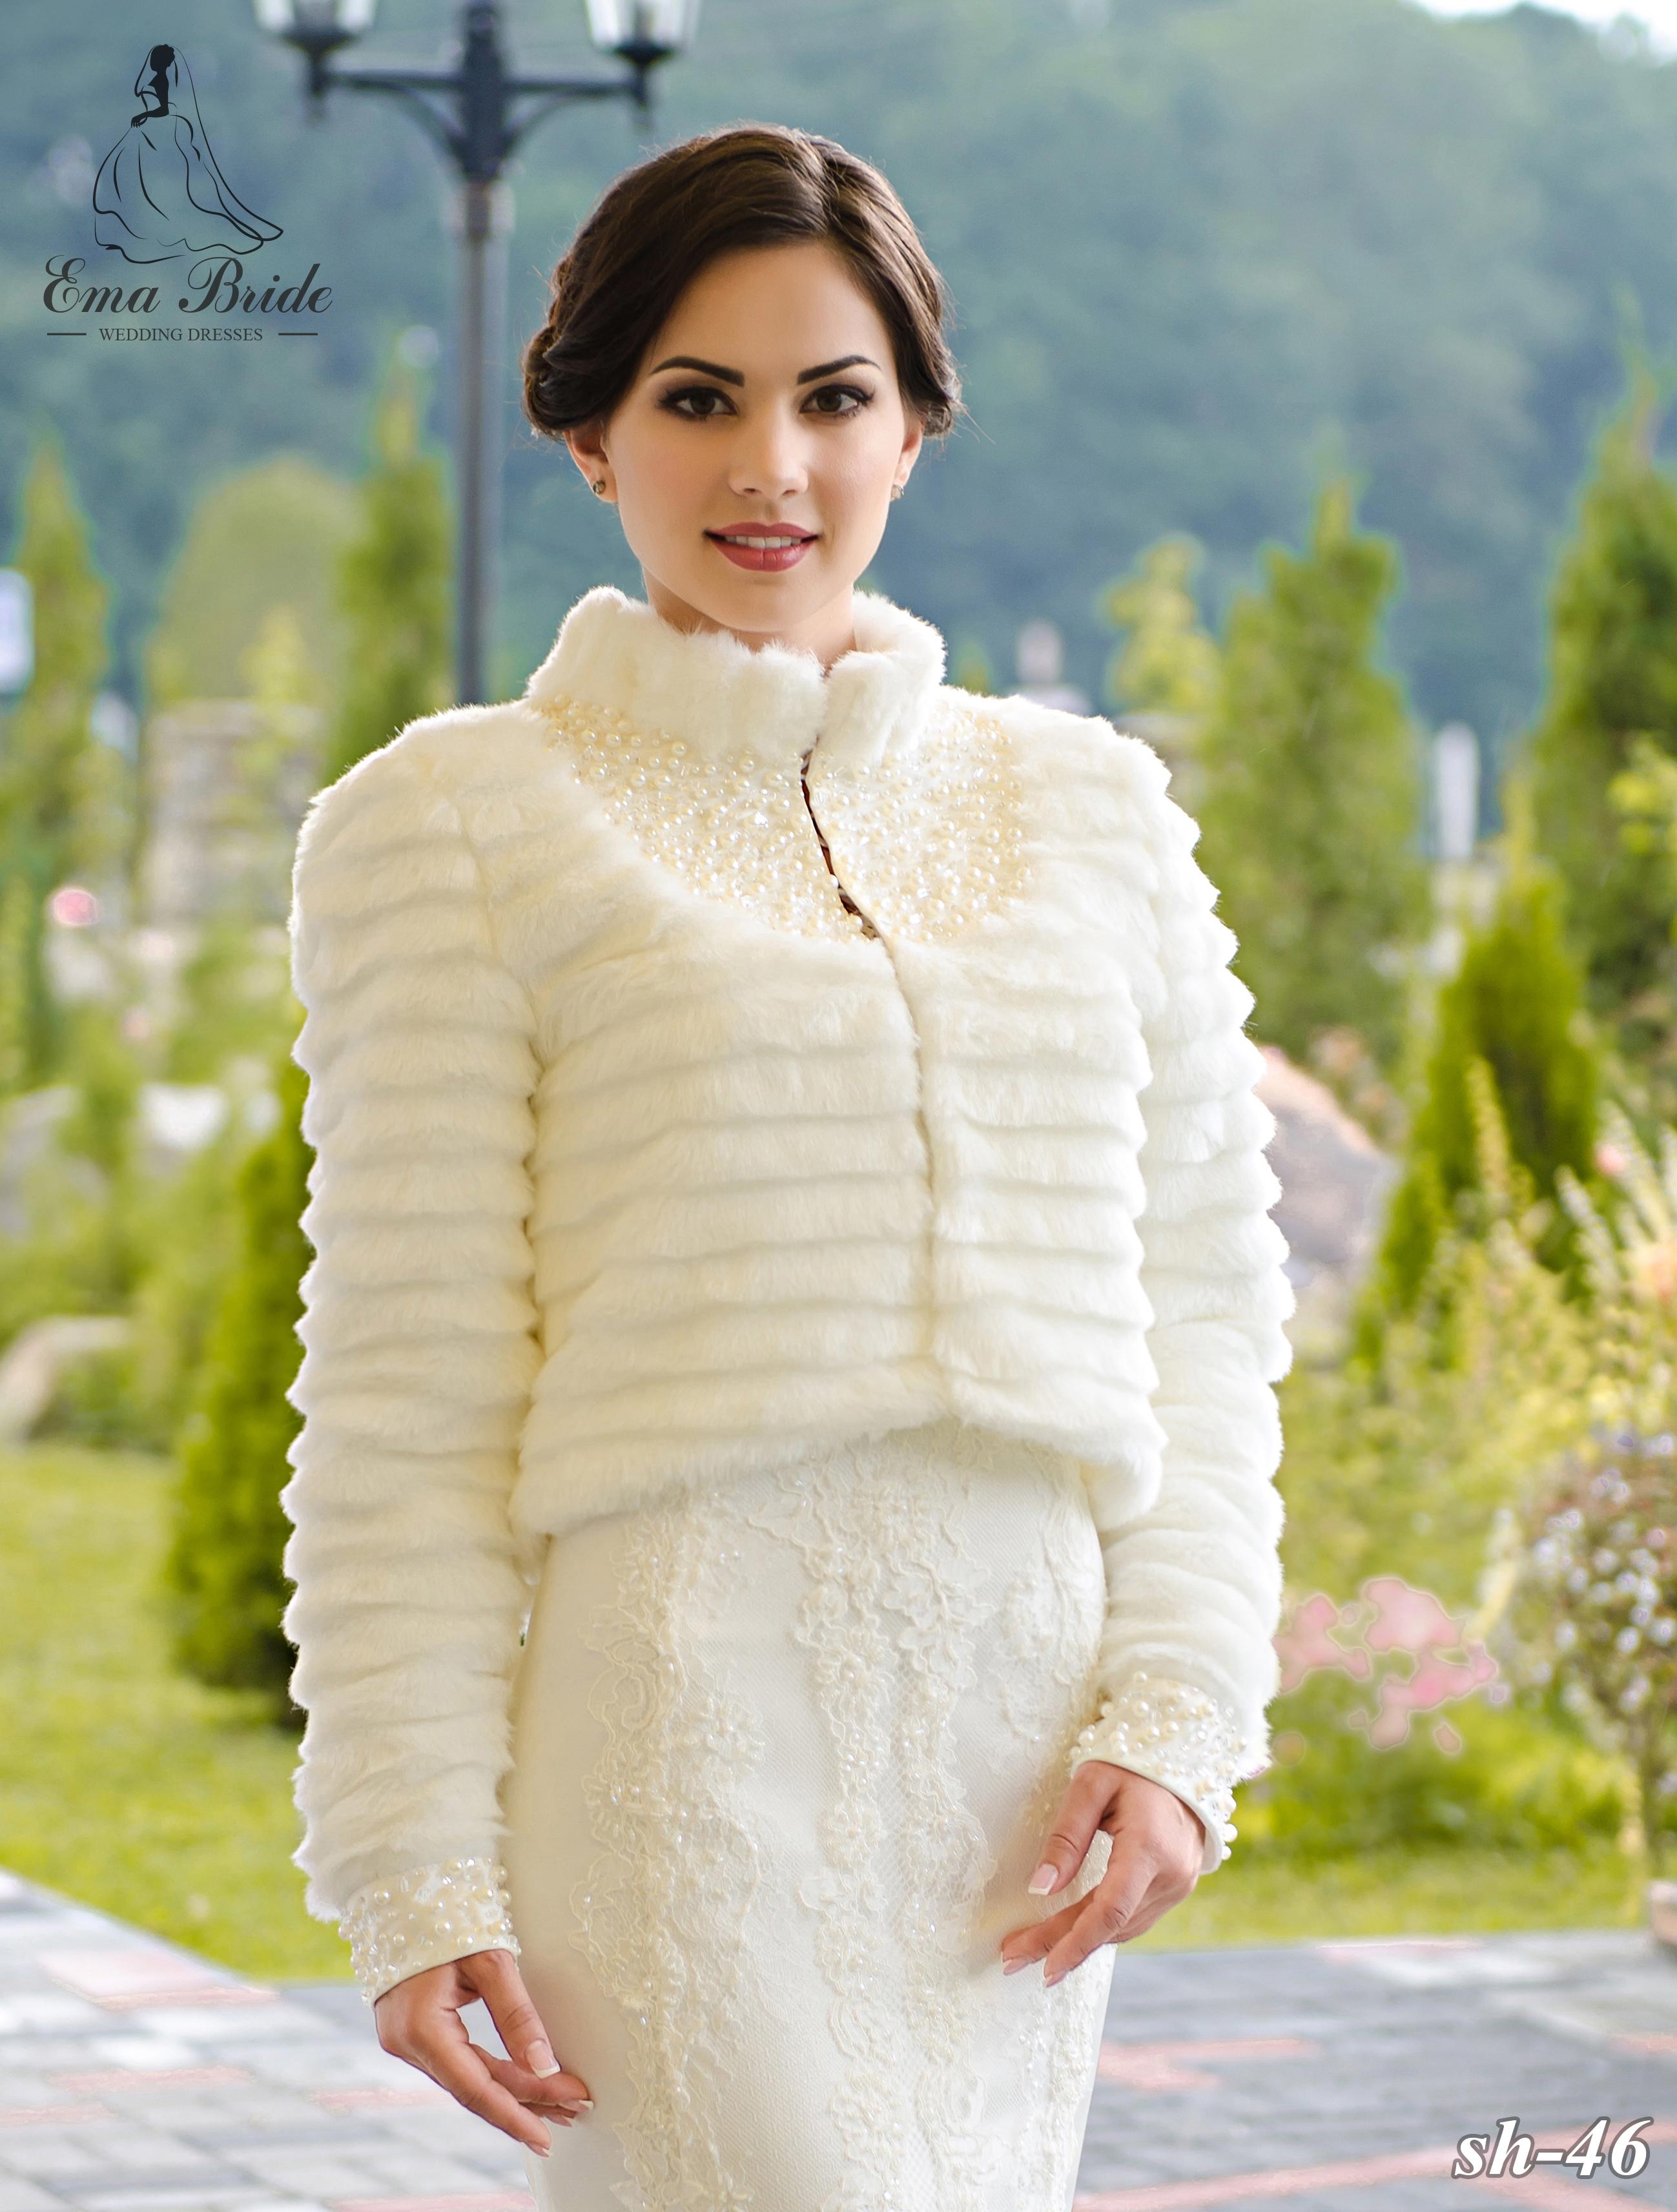 Wedding fur coat SH-46